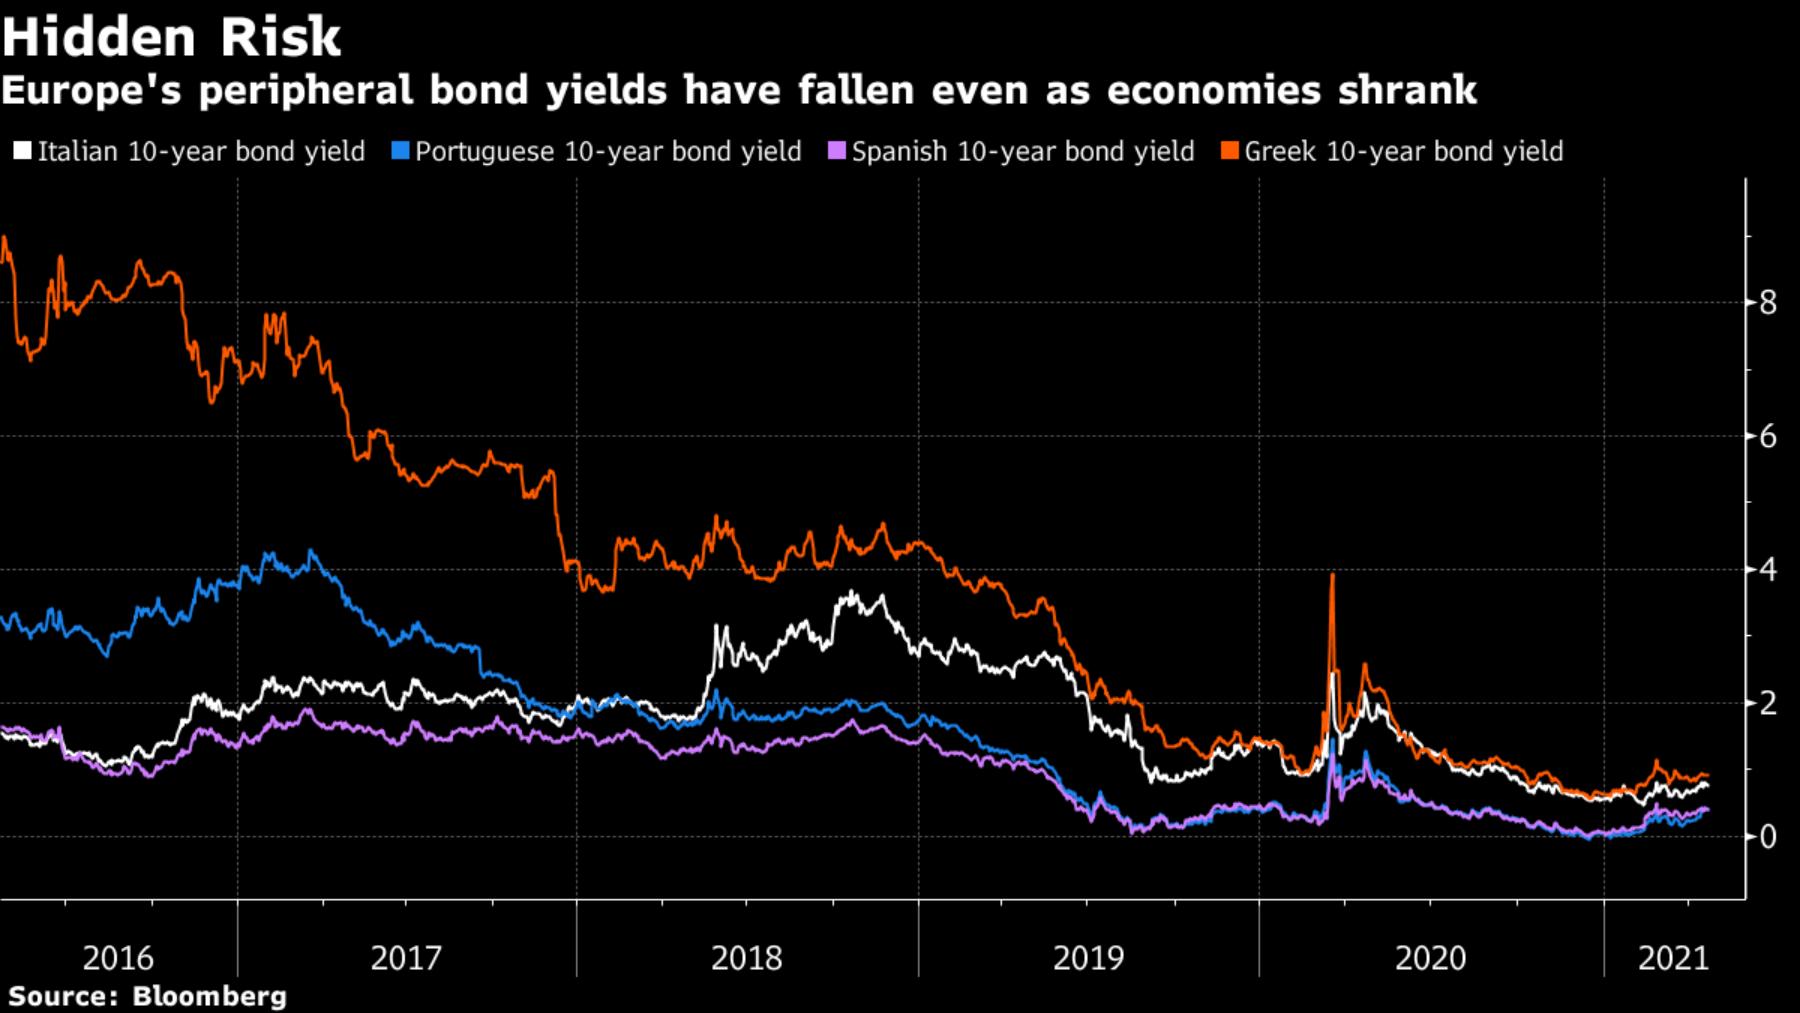 欧洲高负债水平的国家准备好迎接退出宽松的挑战了吗?